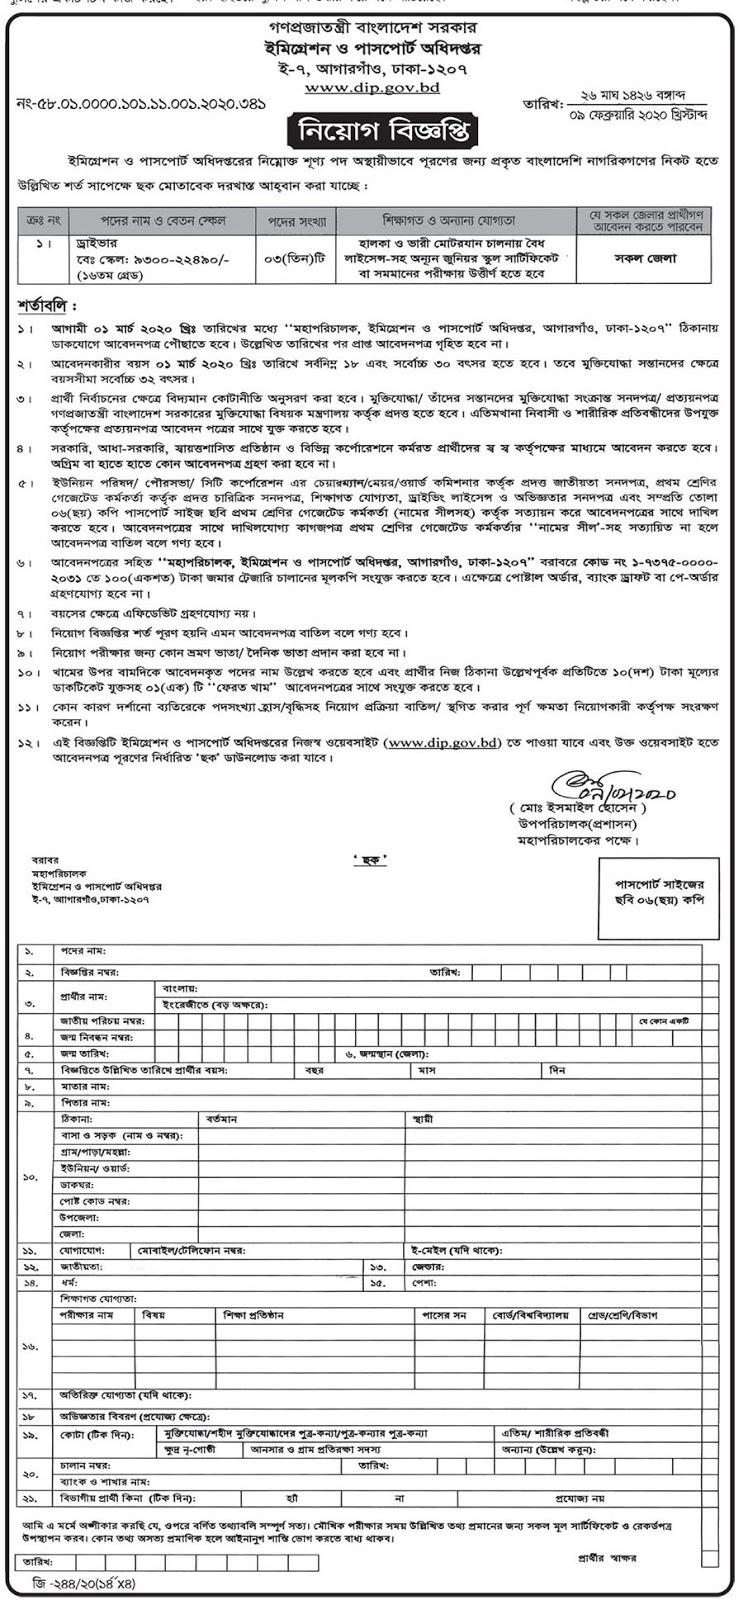 ইমিগ্রেশন ও পাসপোর্ট অধিদপ্তরে চাকরি নিয়োগ বিজ্ঞপ্তি ২০২০ -DIP Job Circular 2020